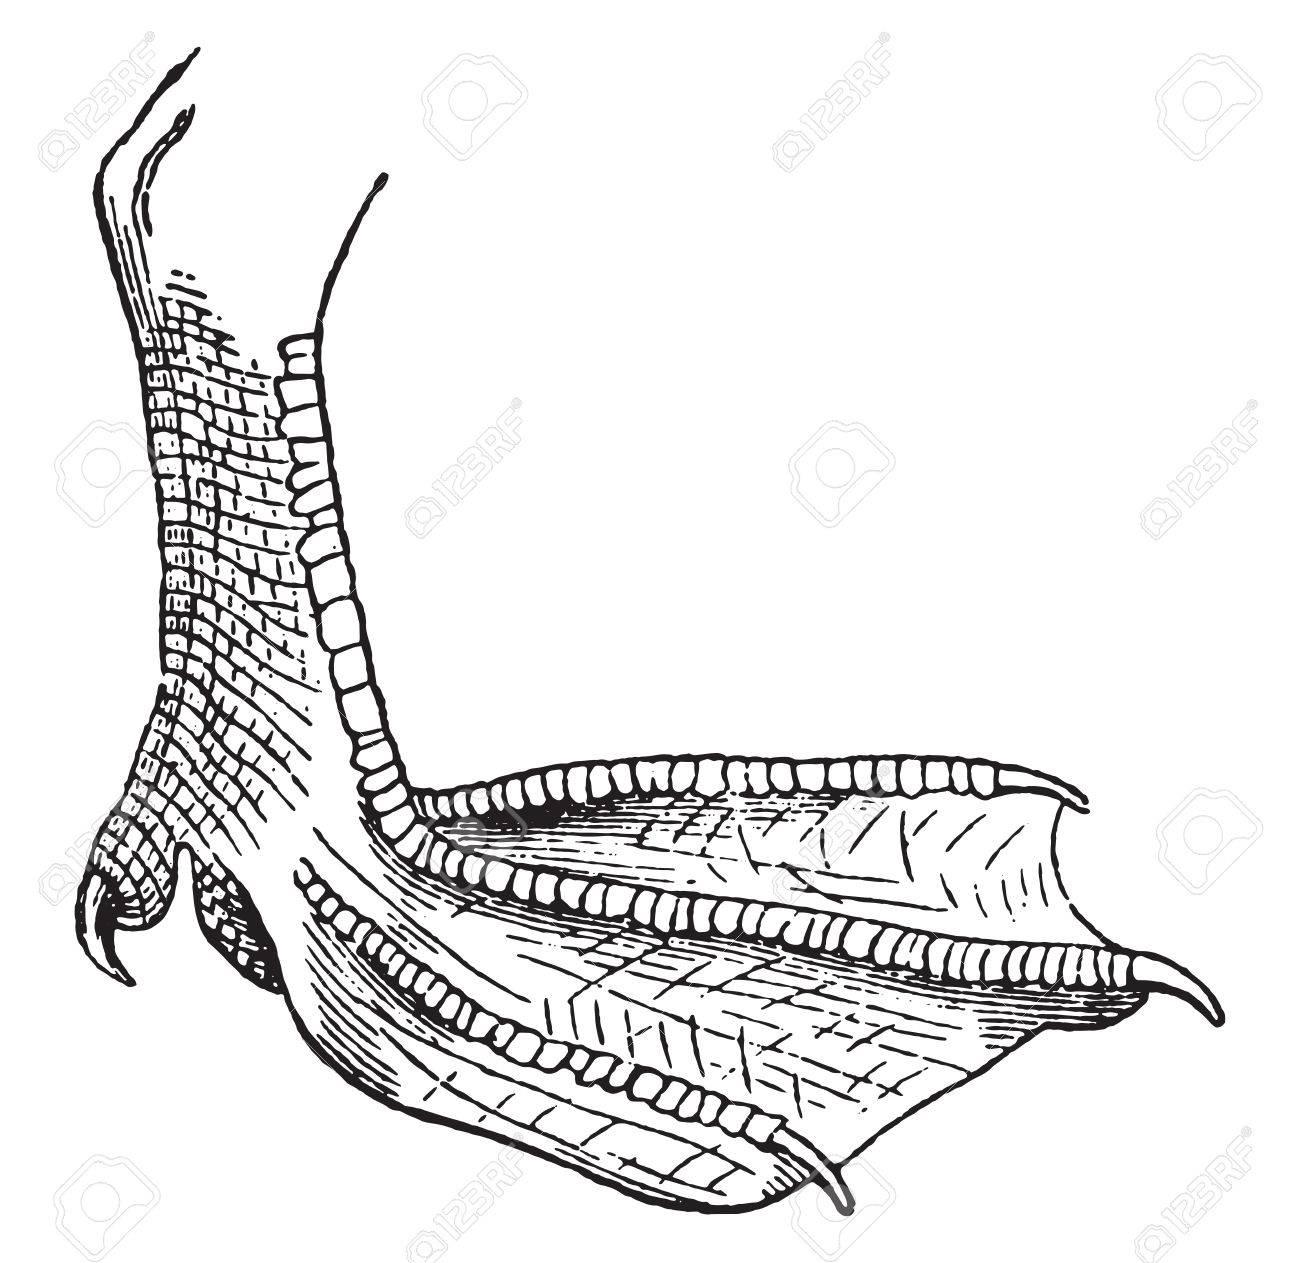 1300x1263 Webbed Foot, Vintage Engraved Illustration. Natural History